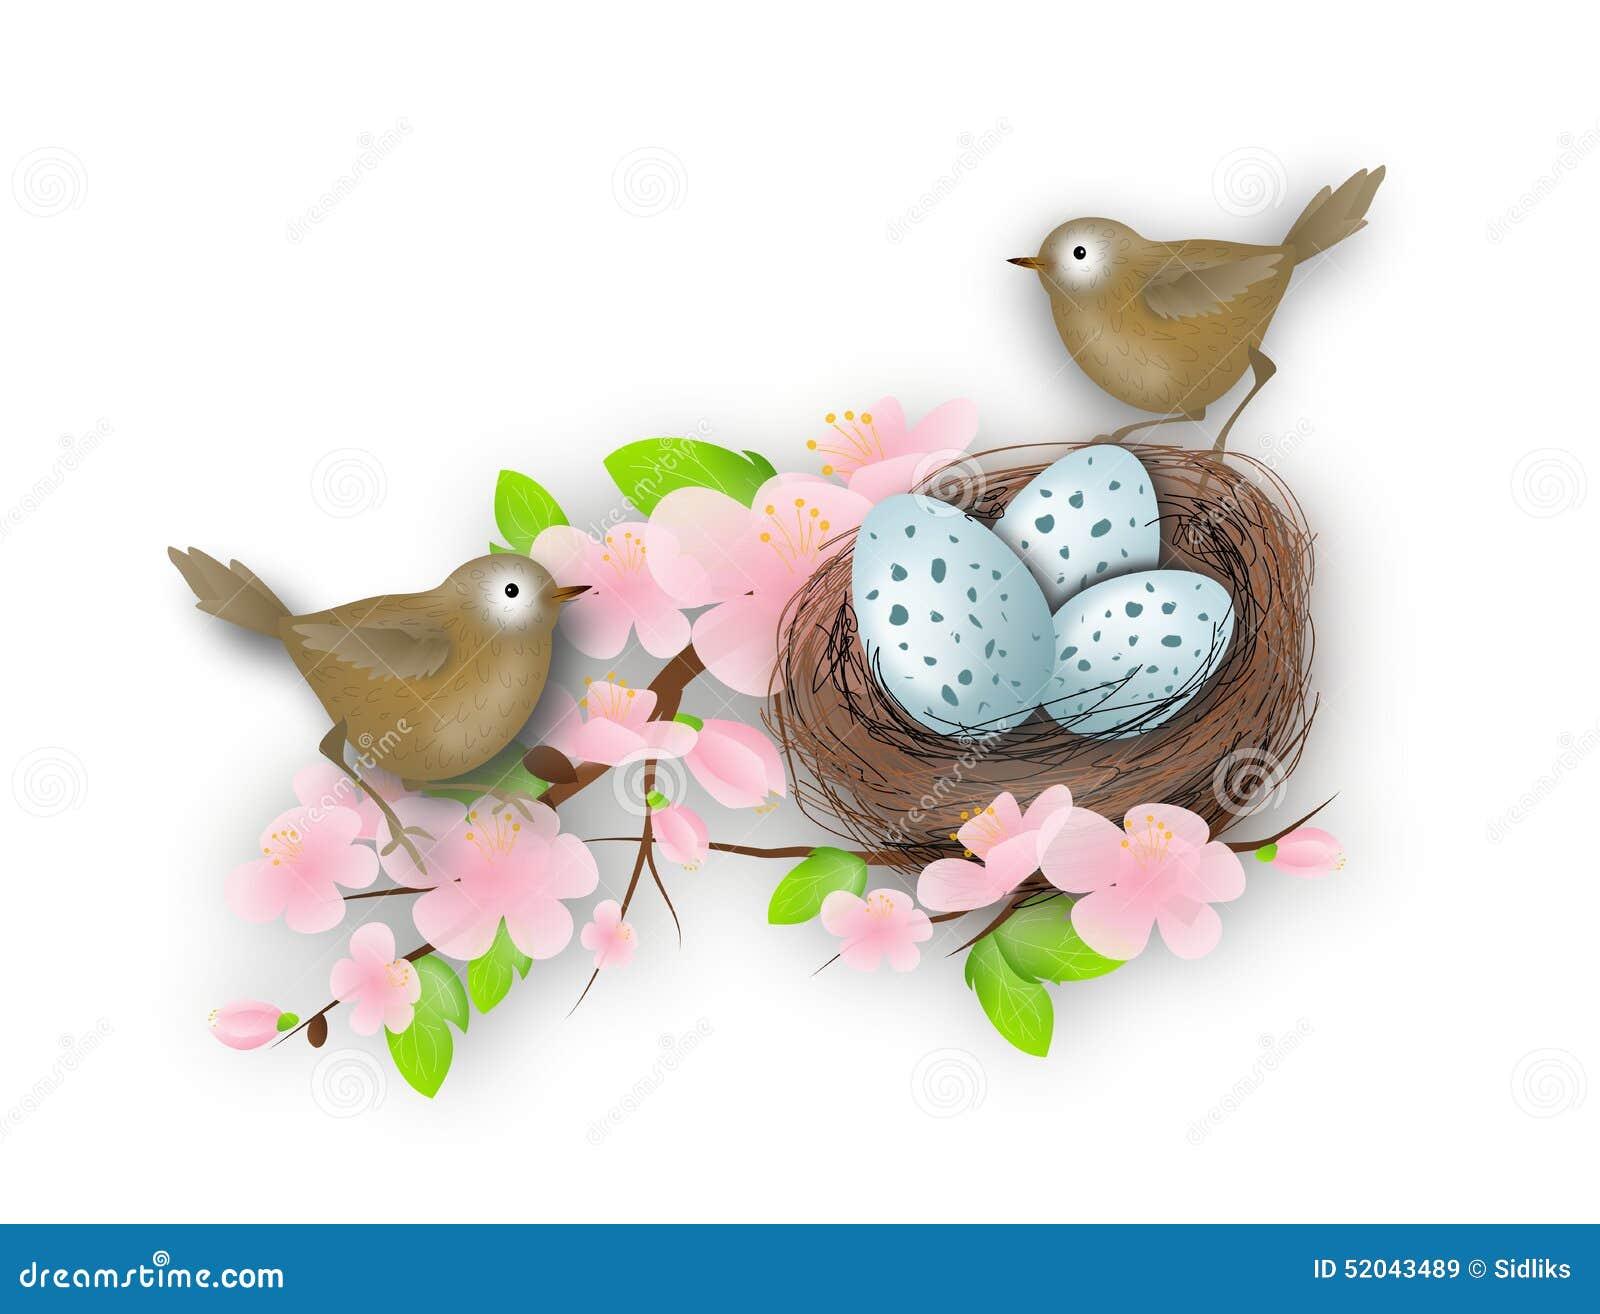 Het nest van de vogel met twee vogels